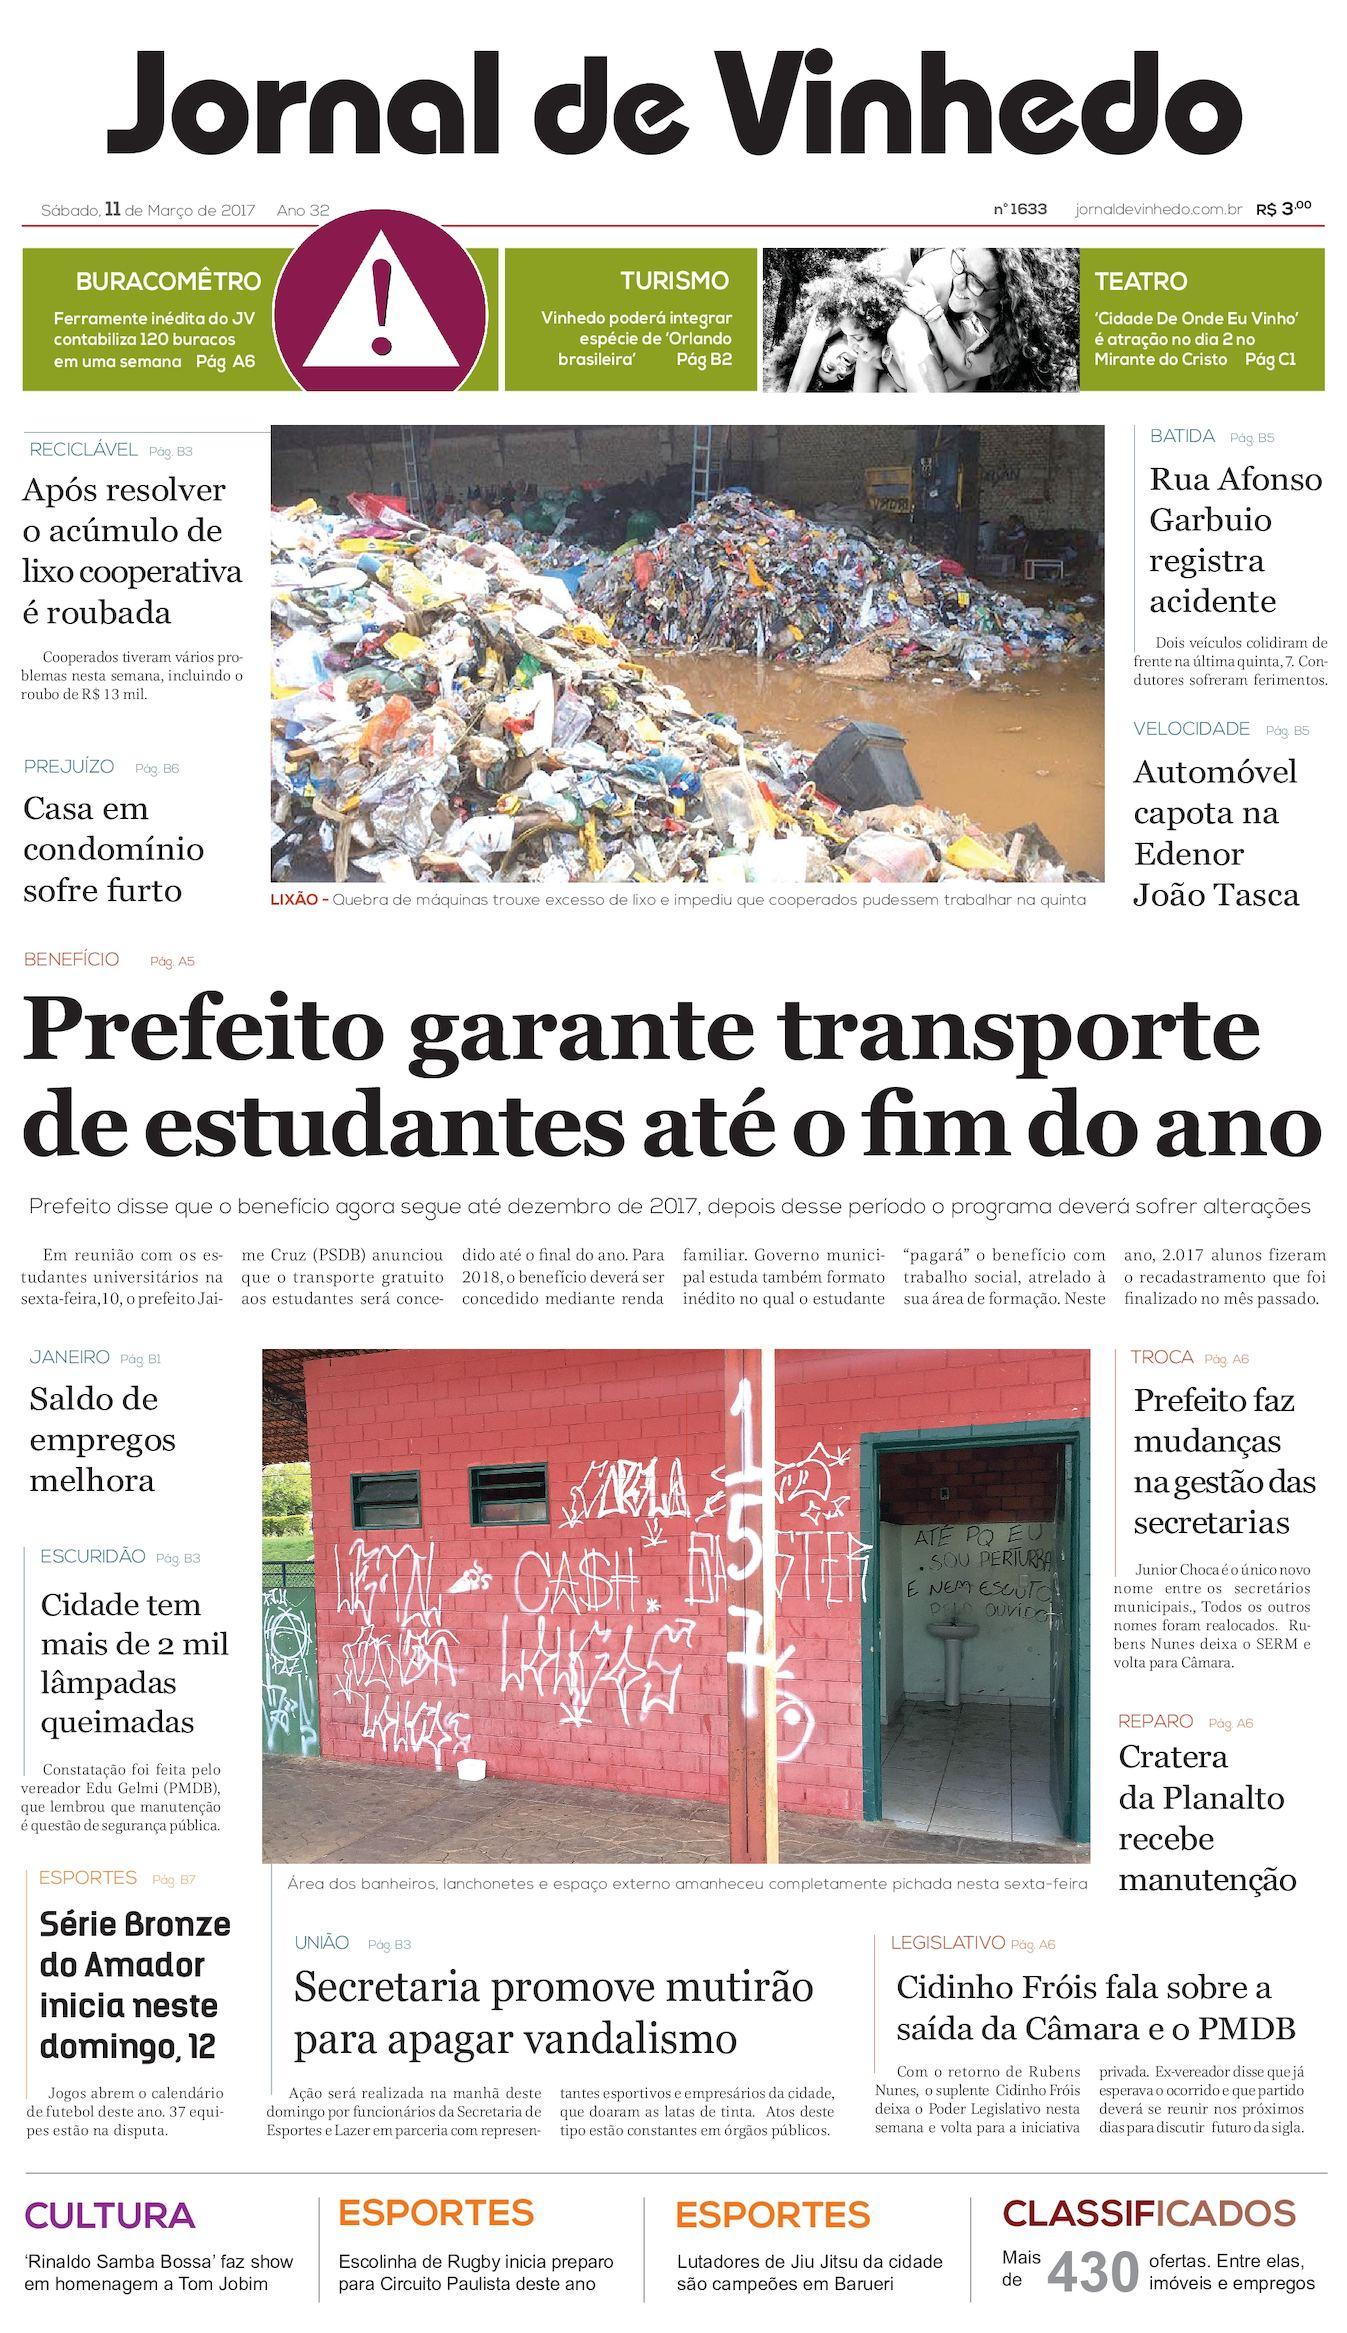 0fddcd8d9 Calaméo - Jornal De Vinhedo Sabado 11 De Março De 2017 Edic 1633